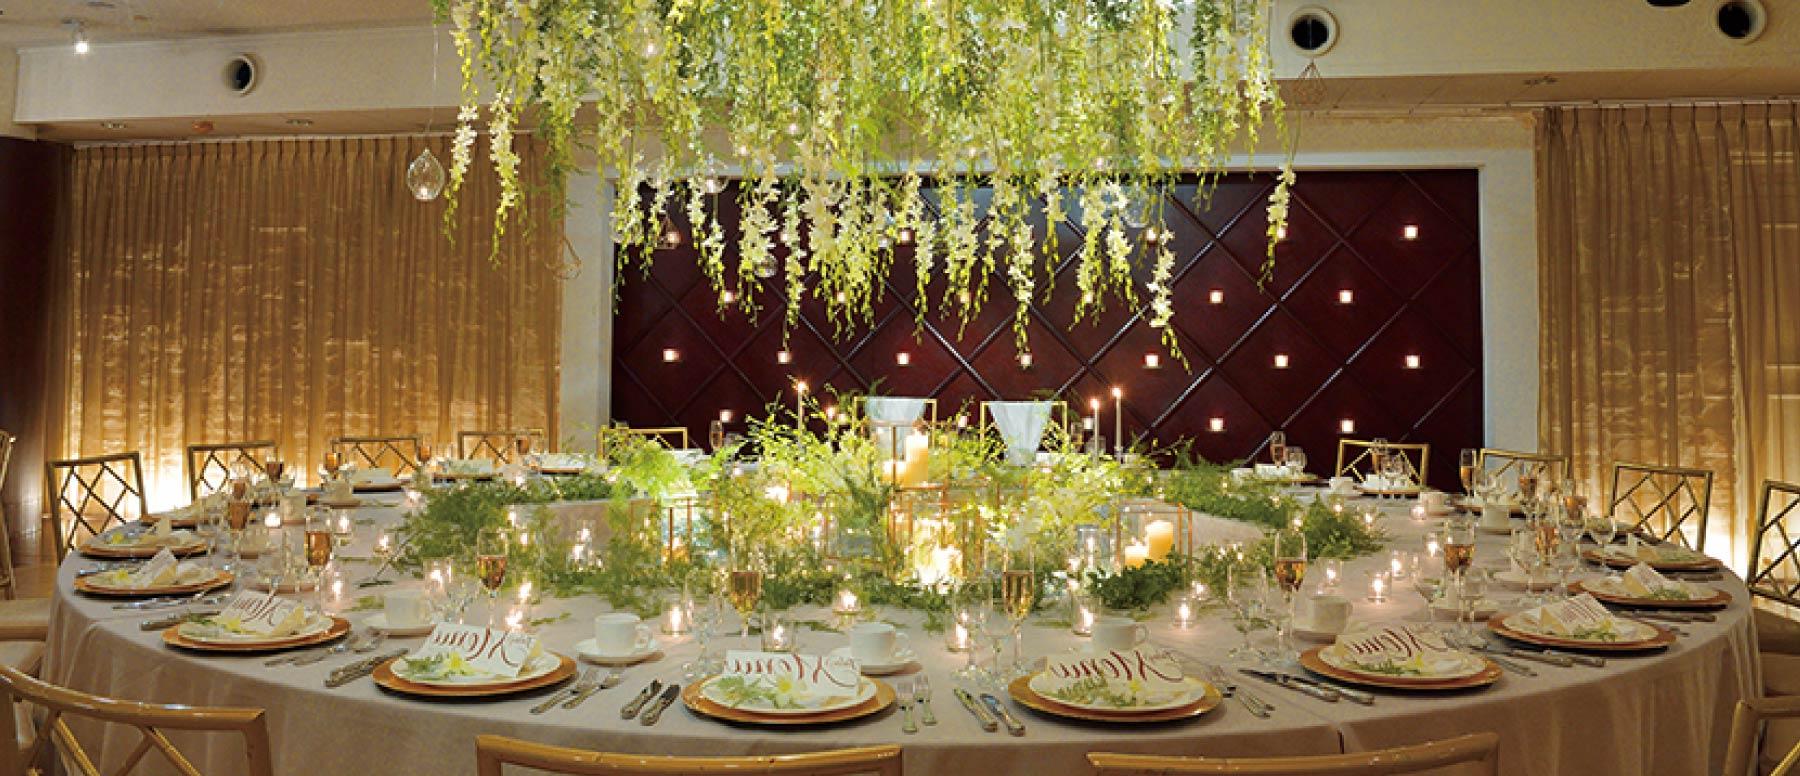 ザ マグリット | 岡山県岡山市の結婚式場・パーティーウェディング・おもてなしウェディング 岡山市 結婚式 披露宴 マグリット バンケット